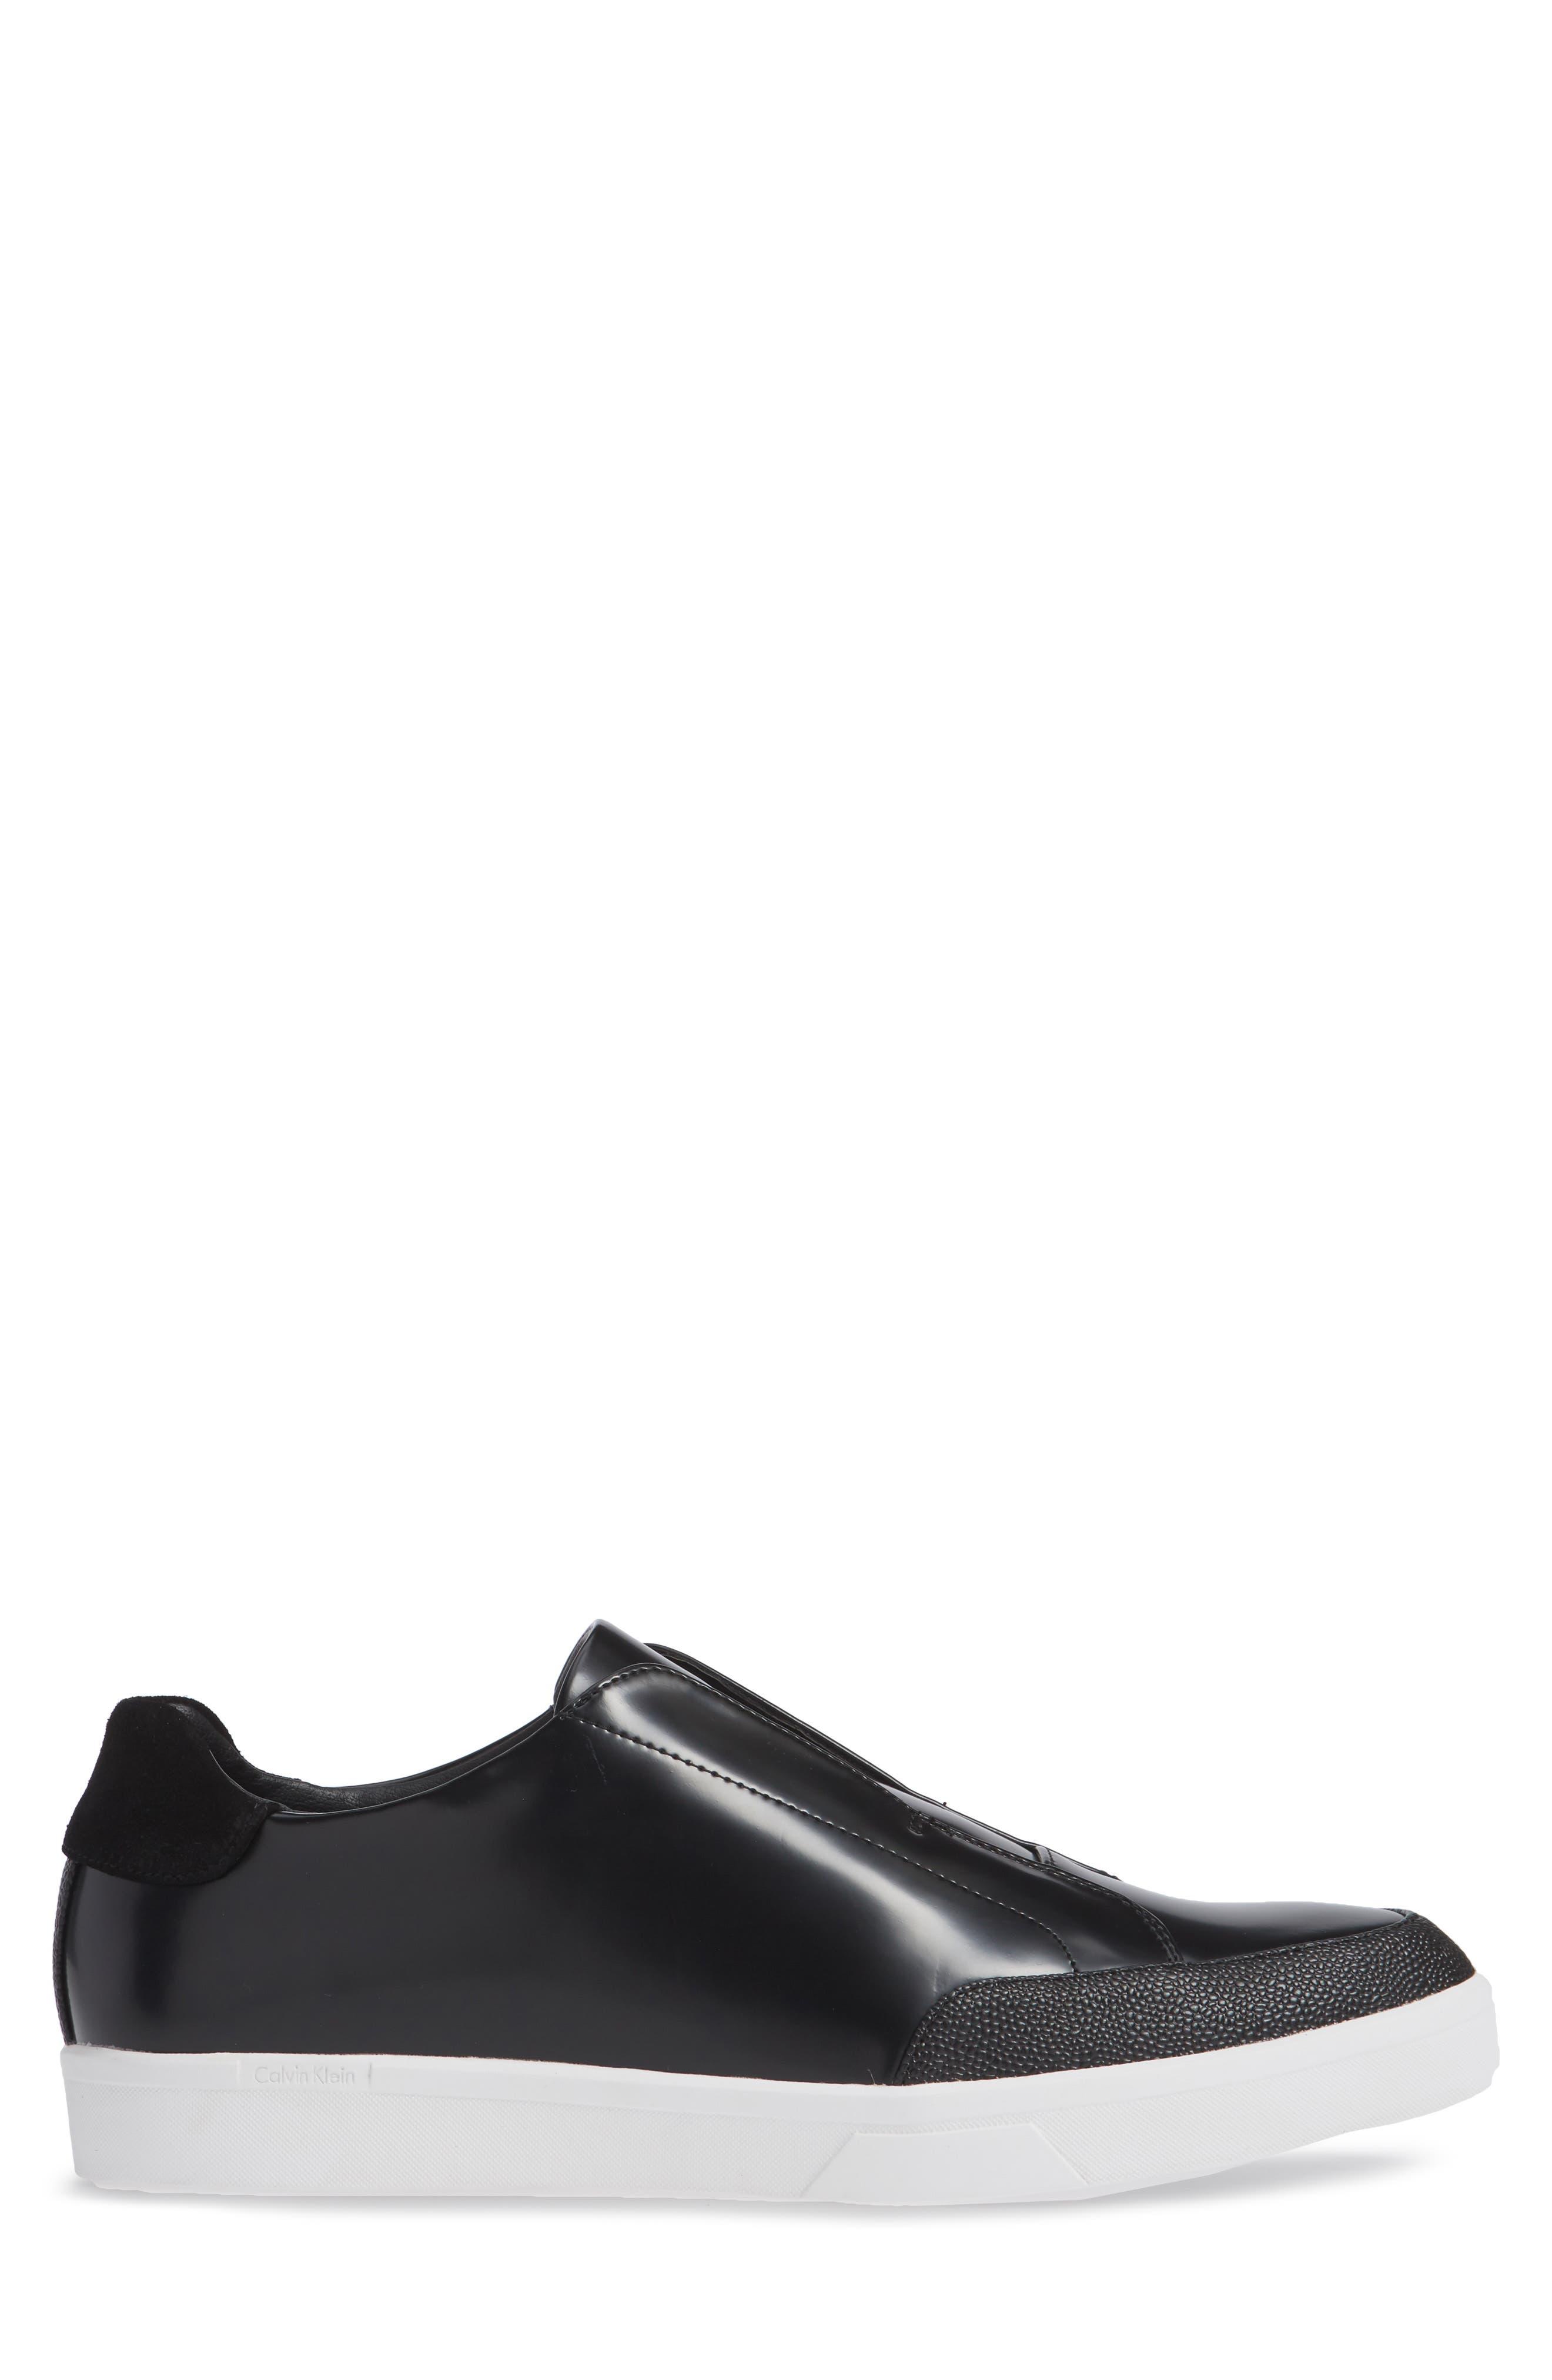 Immanuel Slip-On Sneaker,                             Alternate thumbnail 3, color,                             BLACK LEATHER